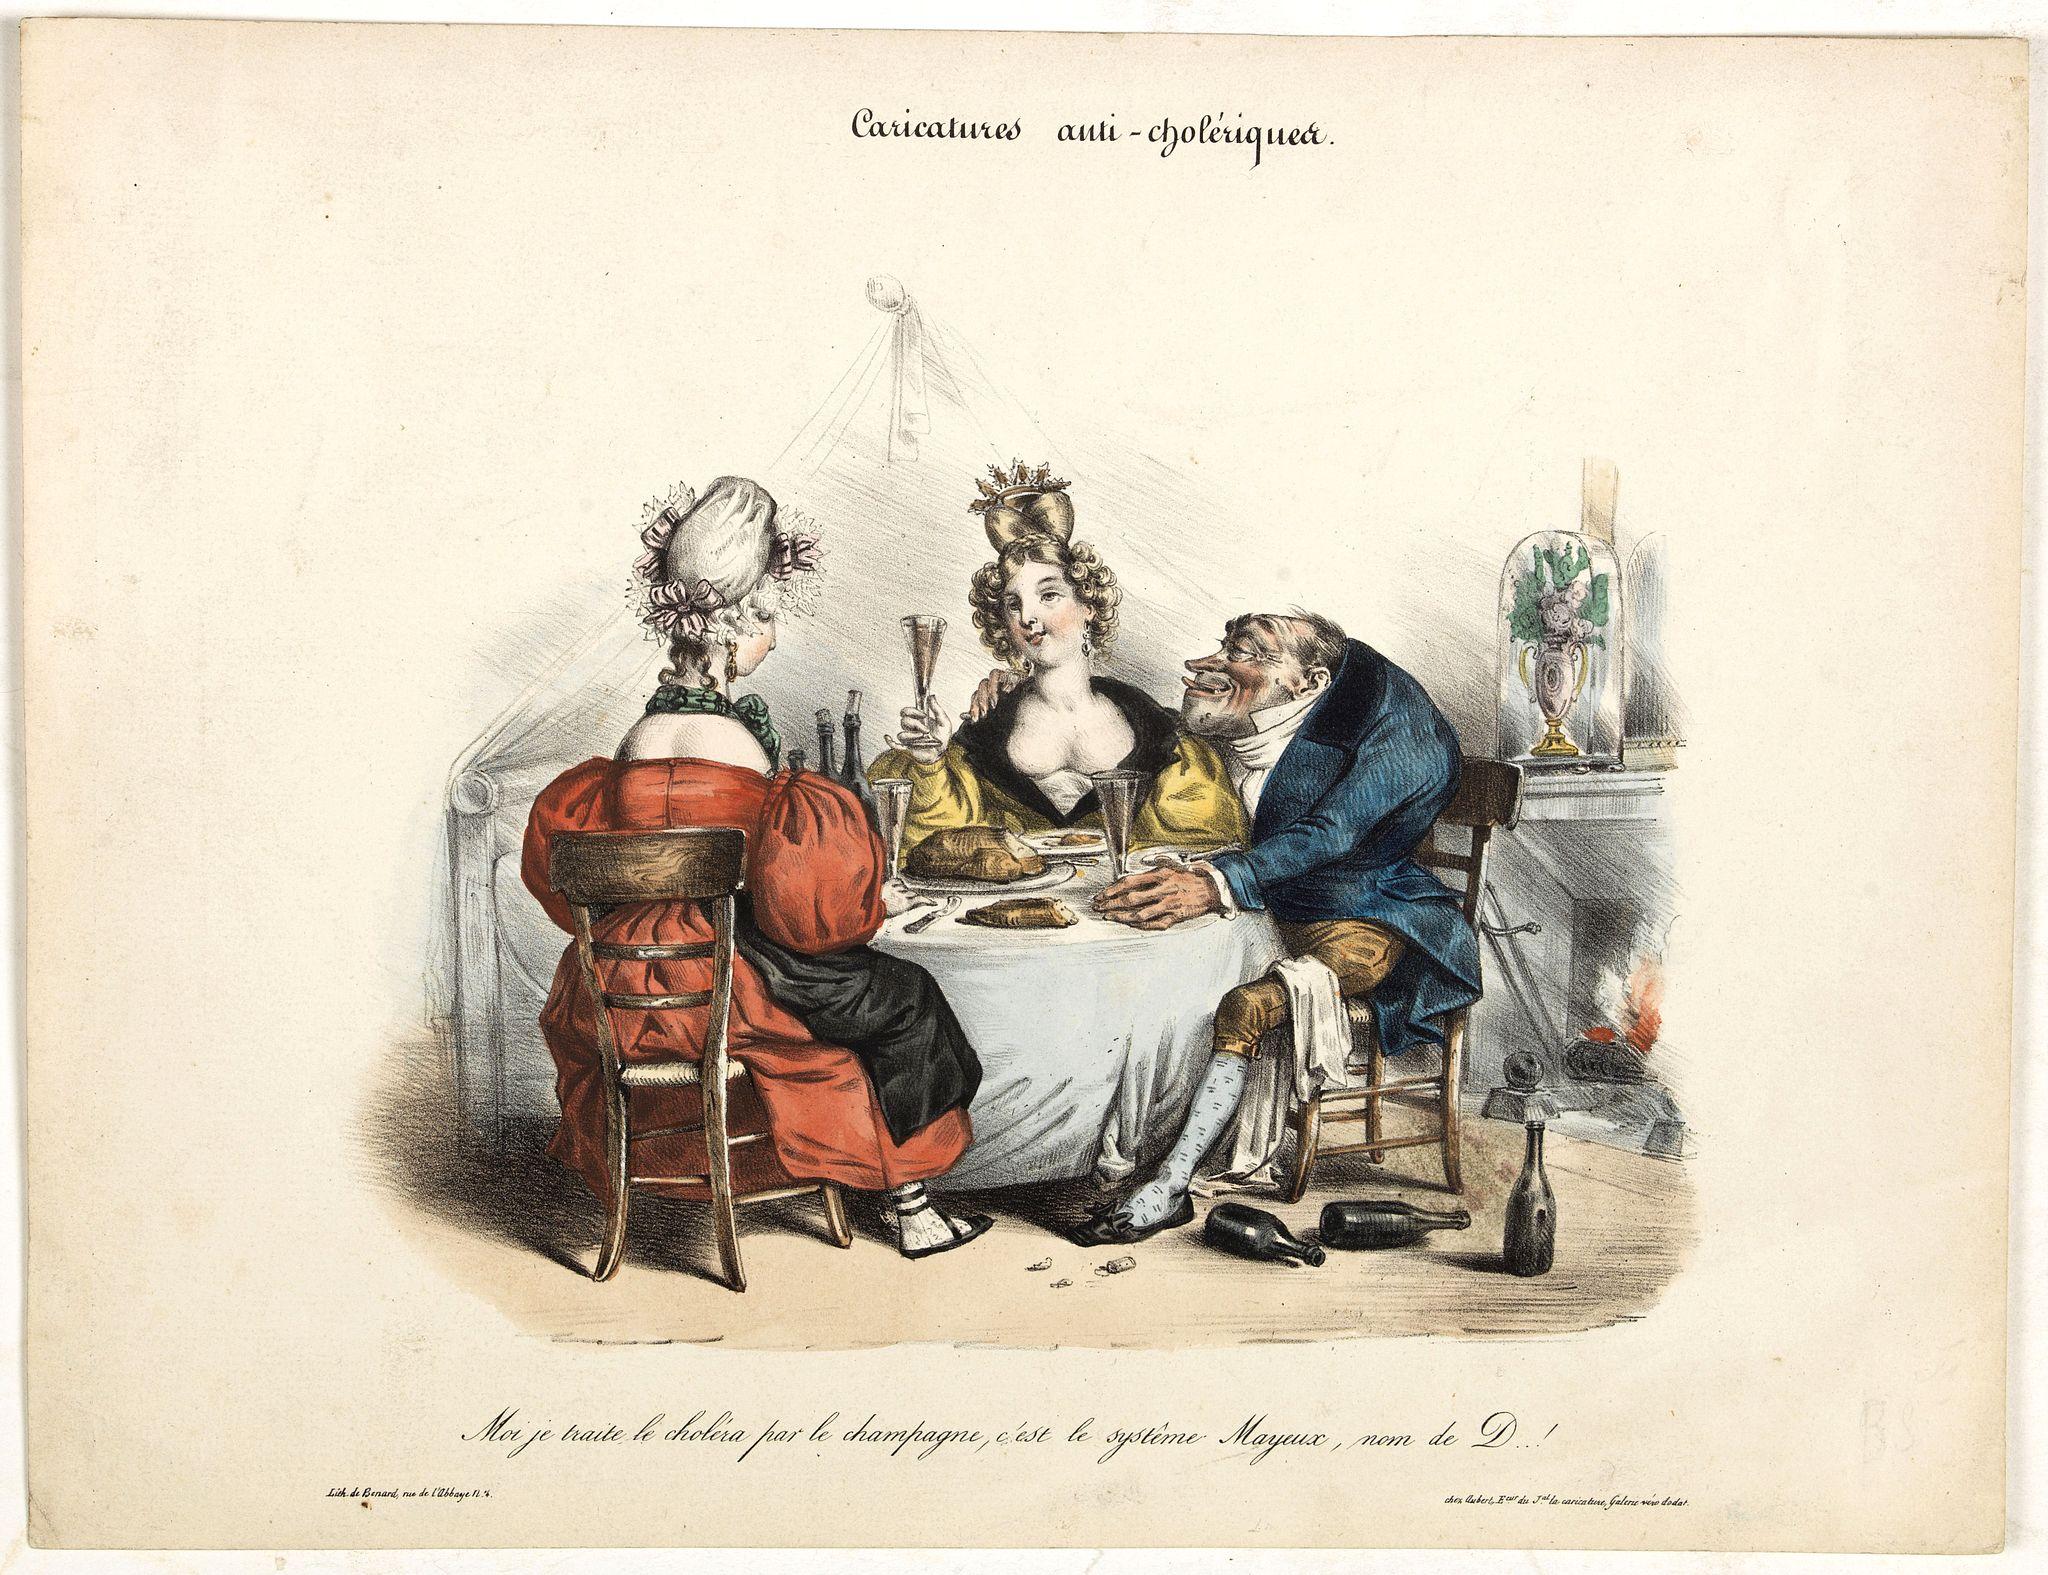 AUBERT, B. -  Caricature anti-cholérique.